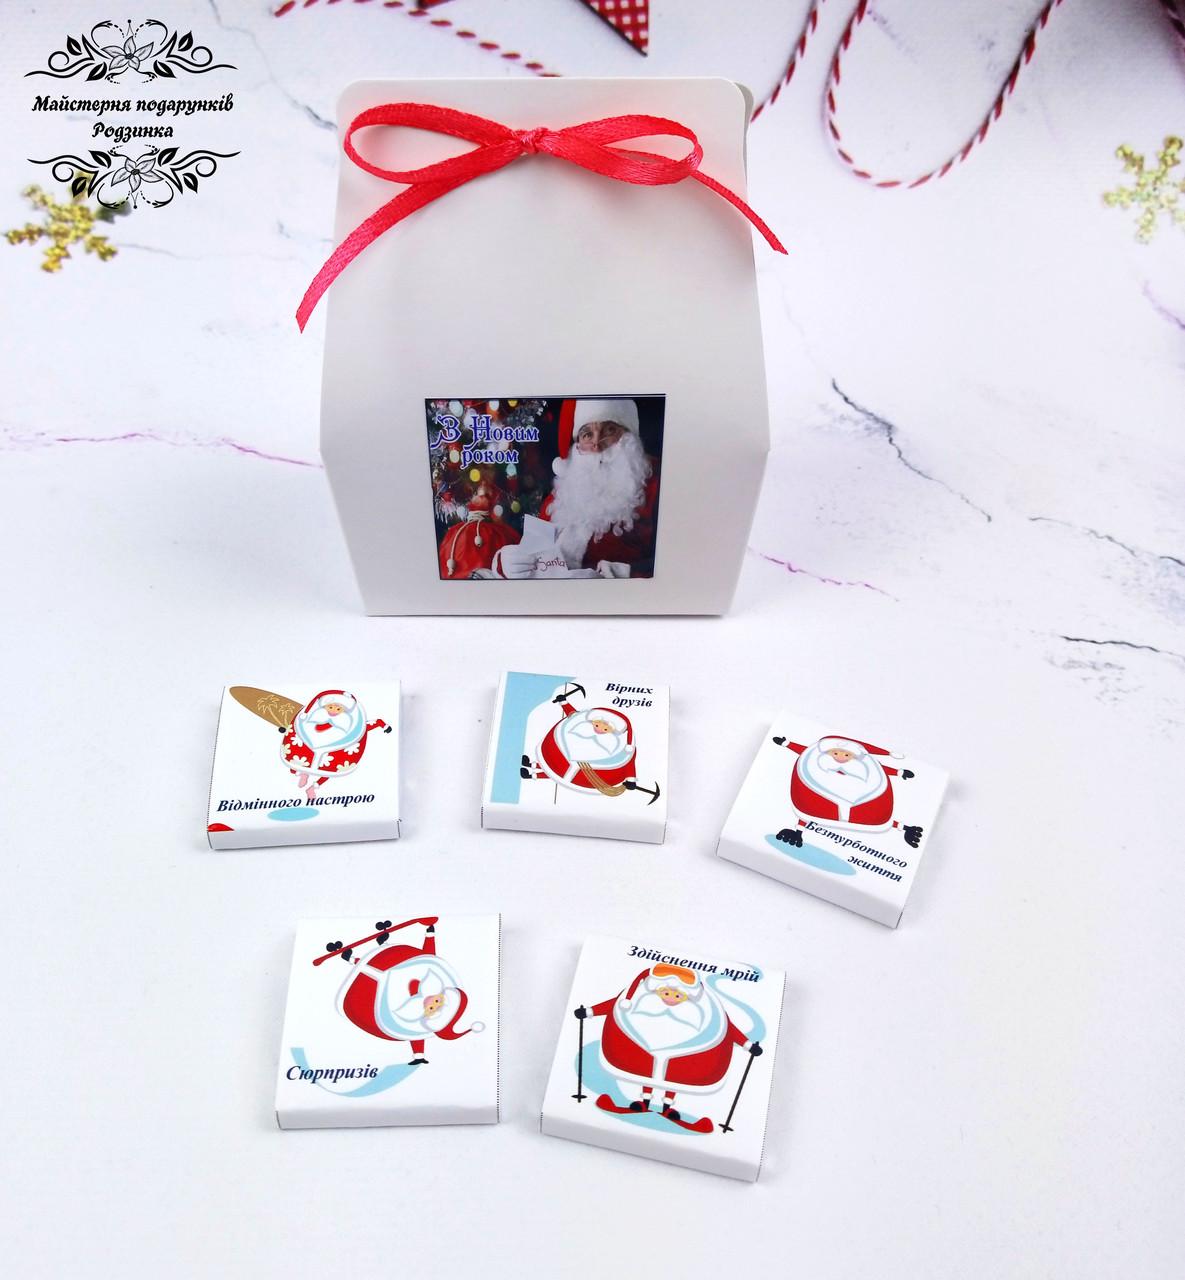 Мини-шоколадный подарочный новогодний набор с Новым годом Корпоративные подарки на Новый год